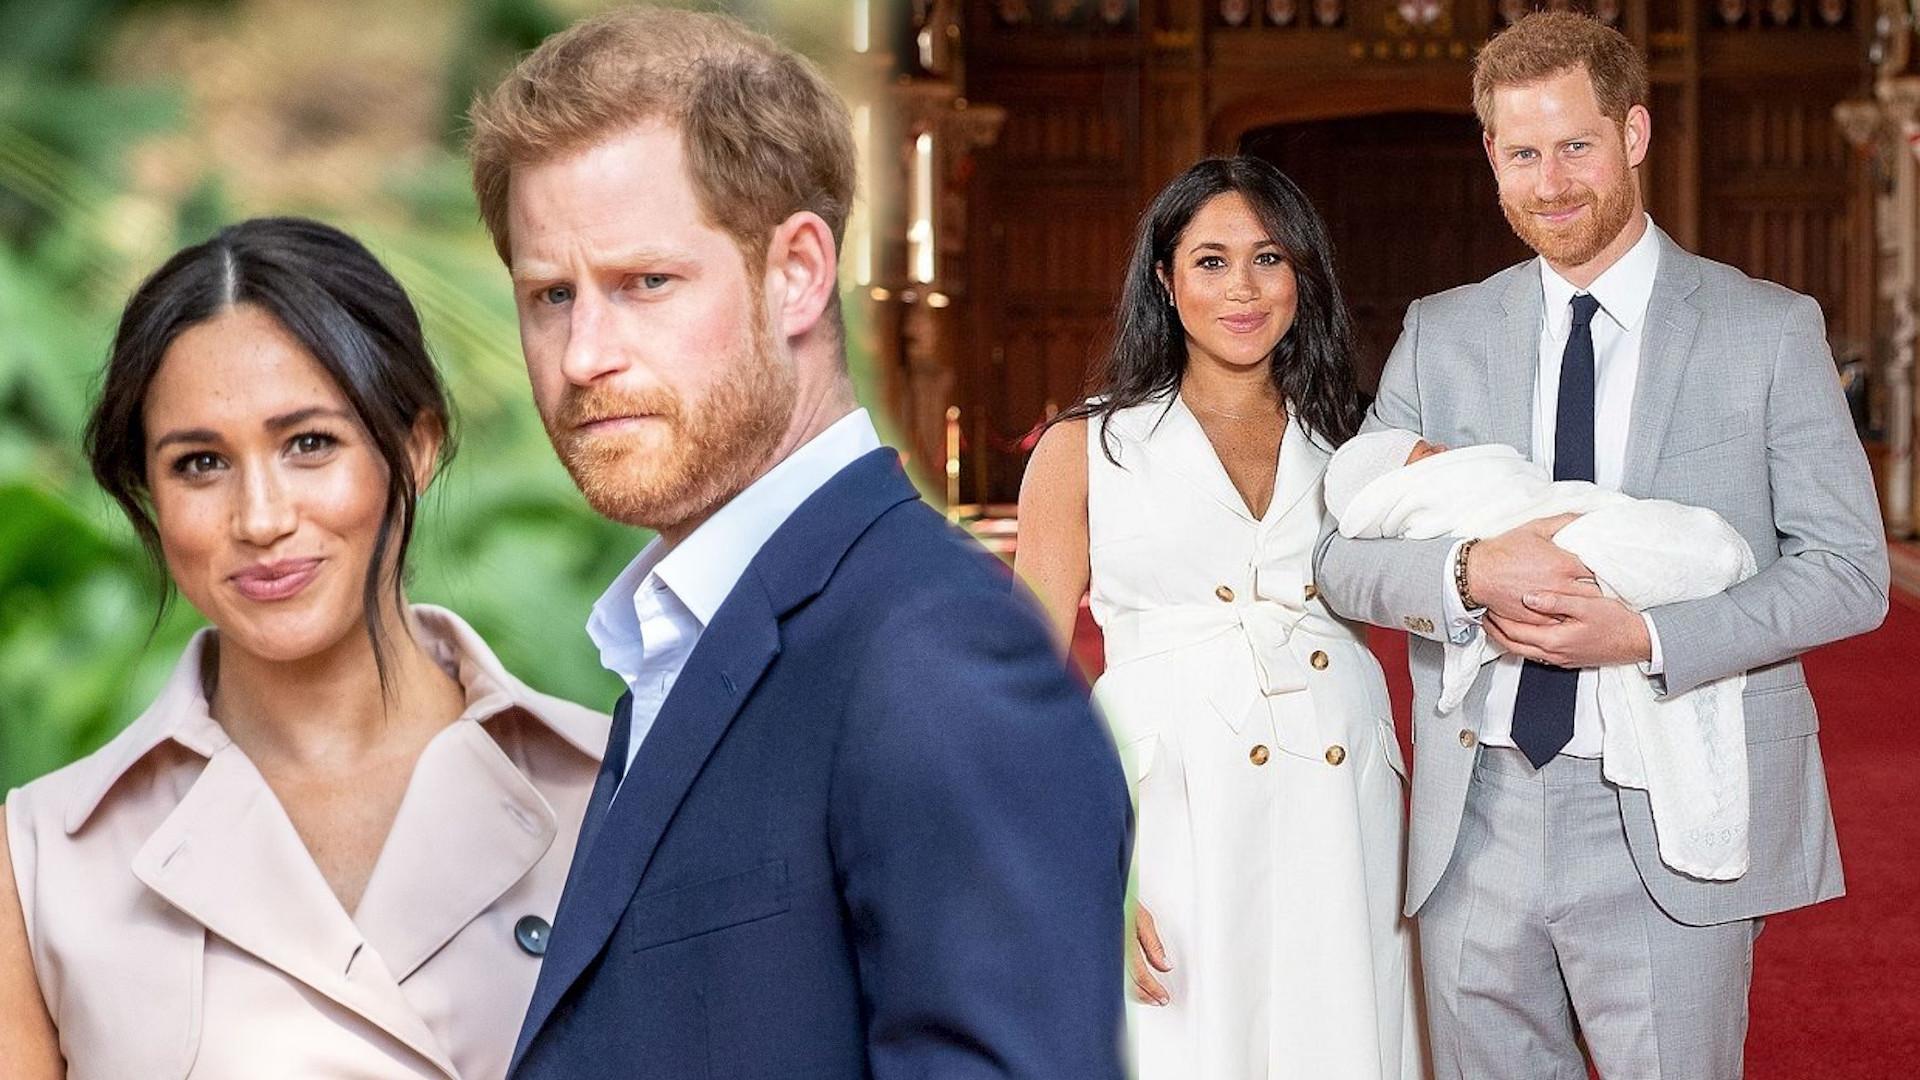 """Klamka zapadła! Pałac Buckingham: """"Meghan i Harry nie powrócą jako pracujący członkowie rodziny królewskiej"""""""